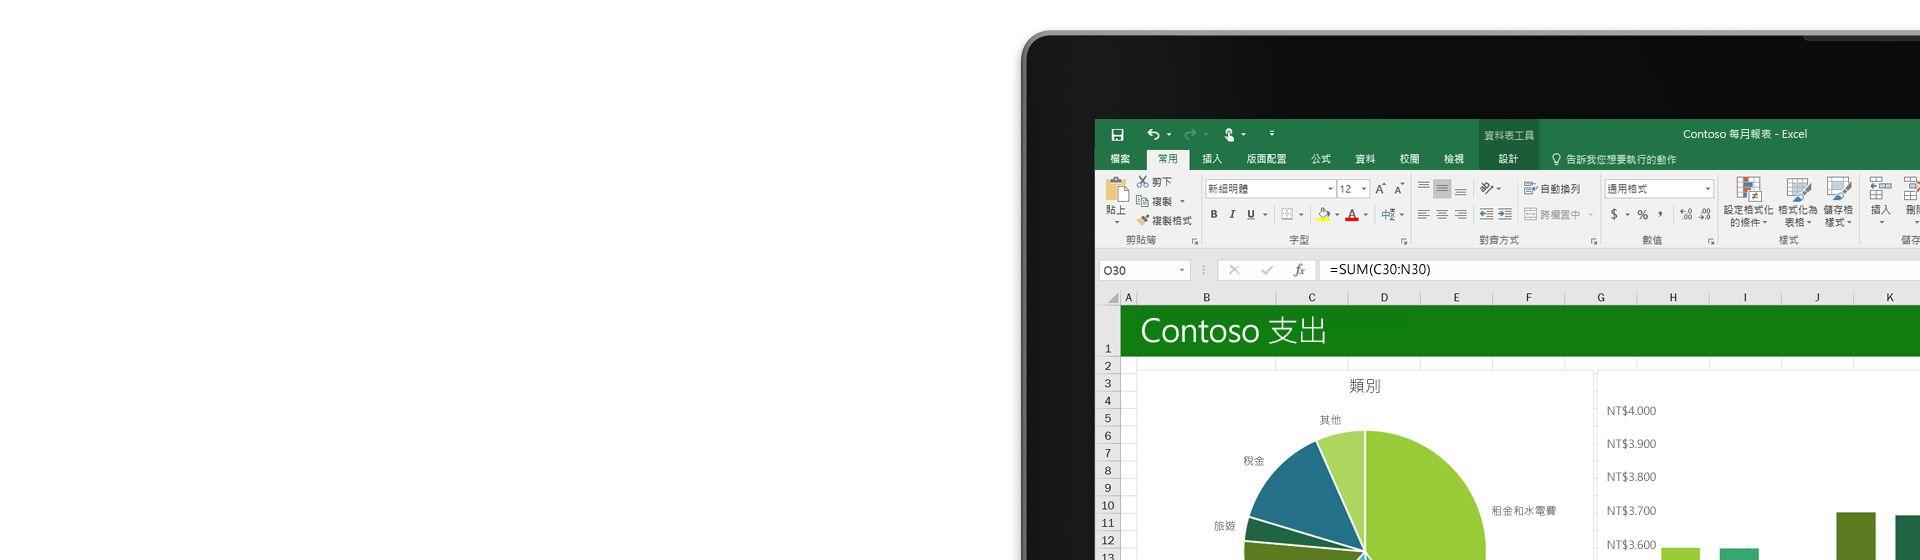 膝上型電腦顯示含圖表的 Microsoft Excel 試算表。